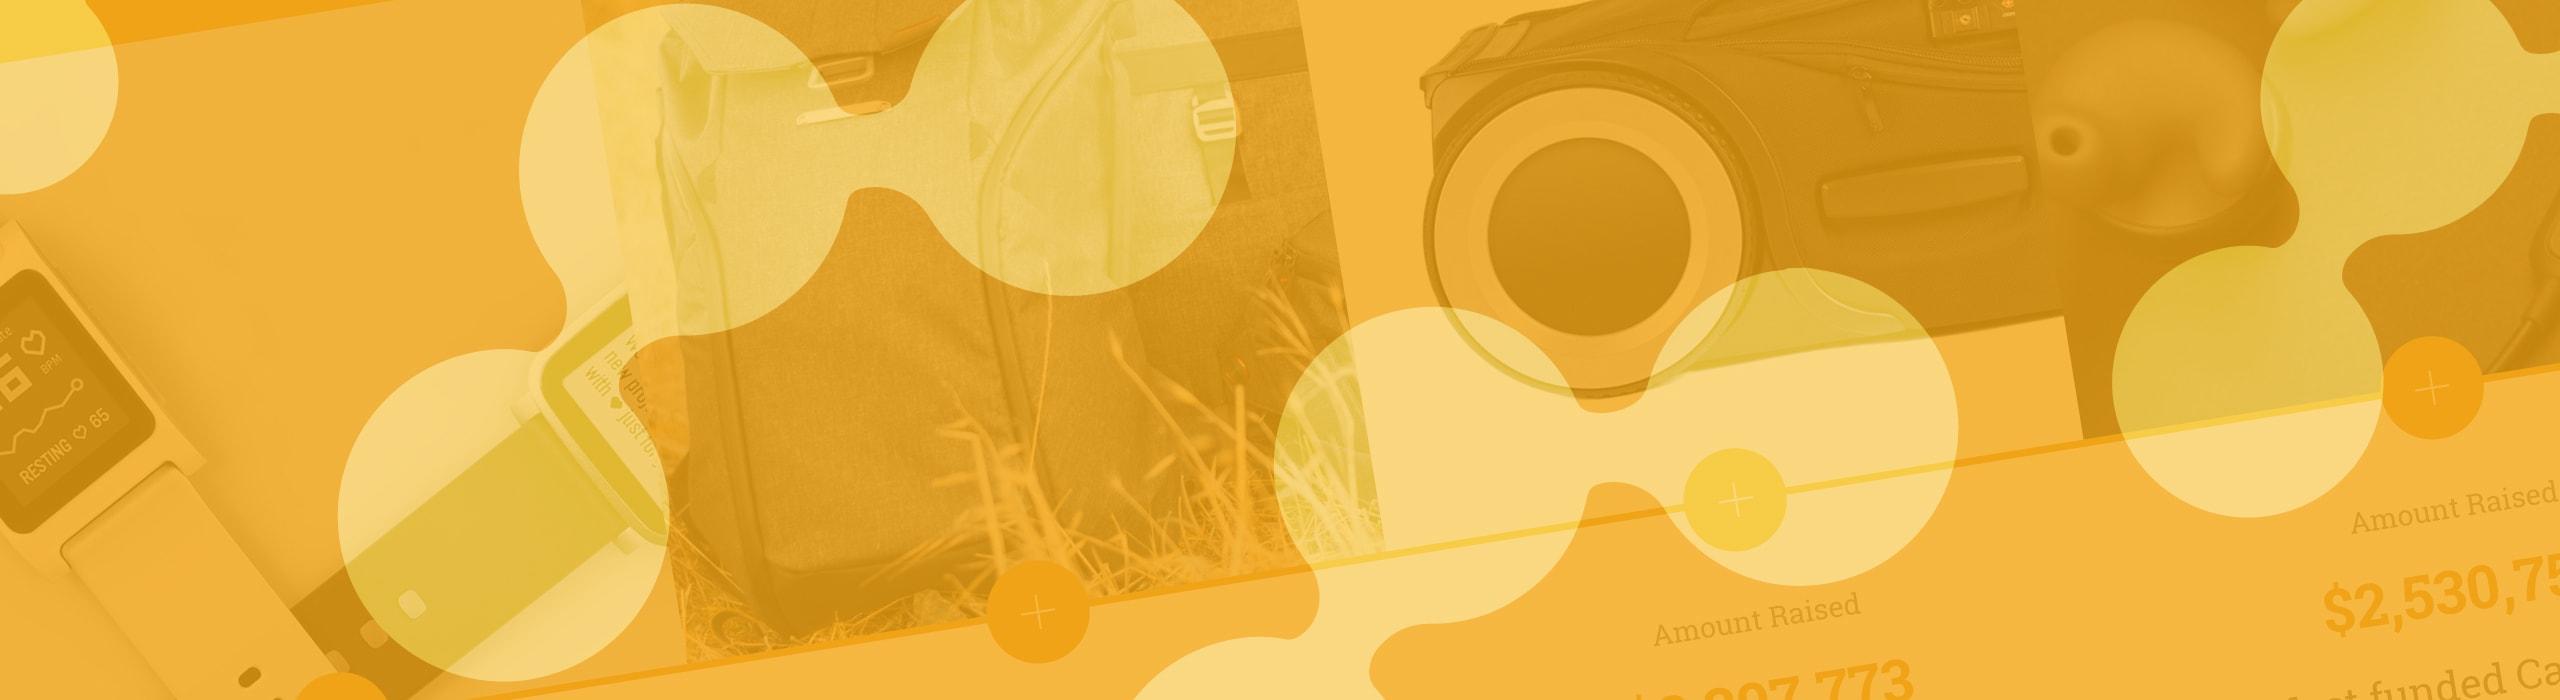 Jellop - natie-jellop-yellow-bg - Natie Branding Agency